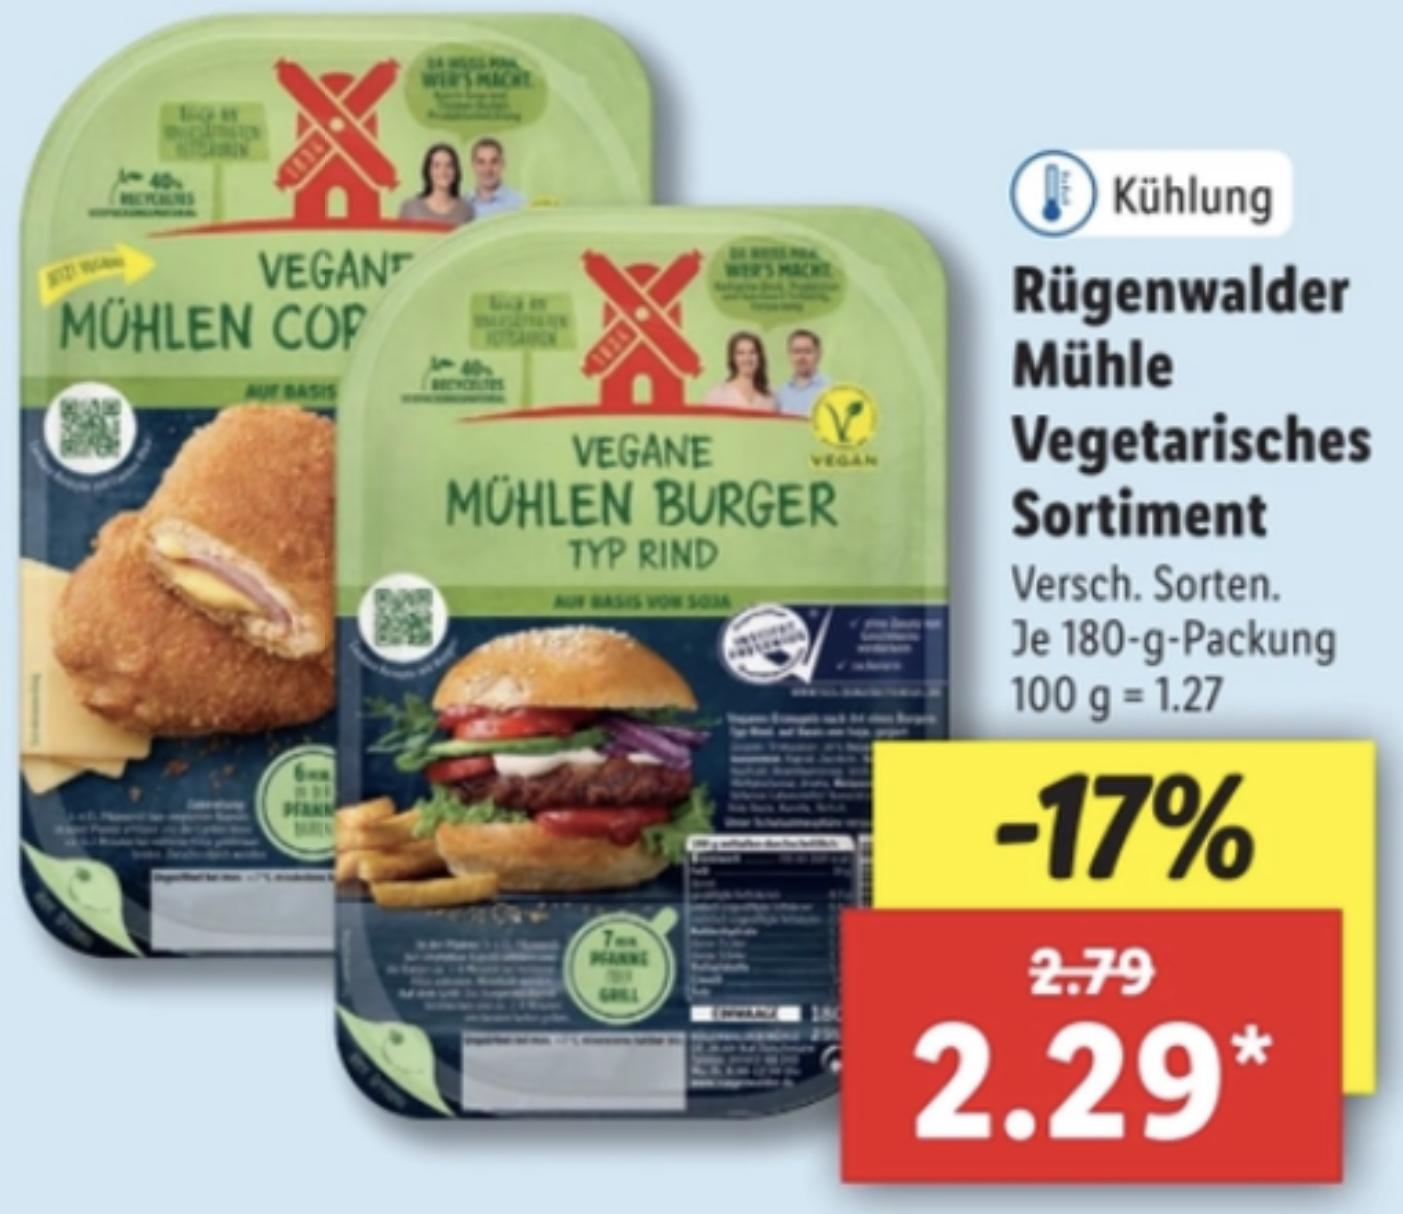 Lidl: Rügenwalder Vegane Mühlen Burger Typ Rind o. Vegane Mühlen Cordon bleu versch. Sorten für je 2,29€ / Kalif. Pistazien 250g für 2,59€